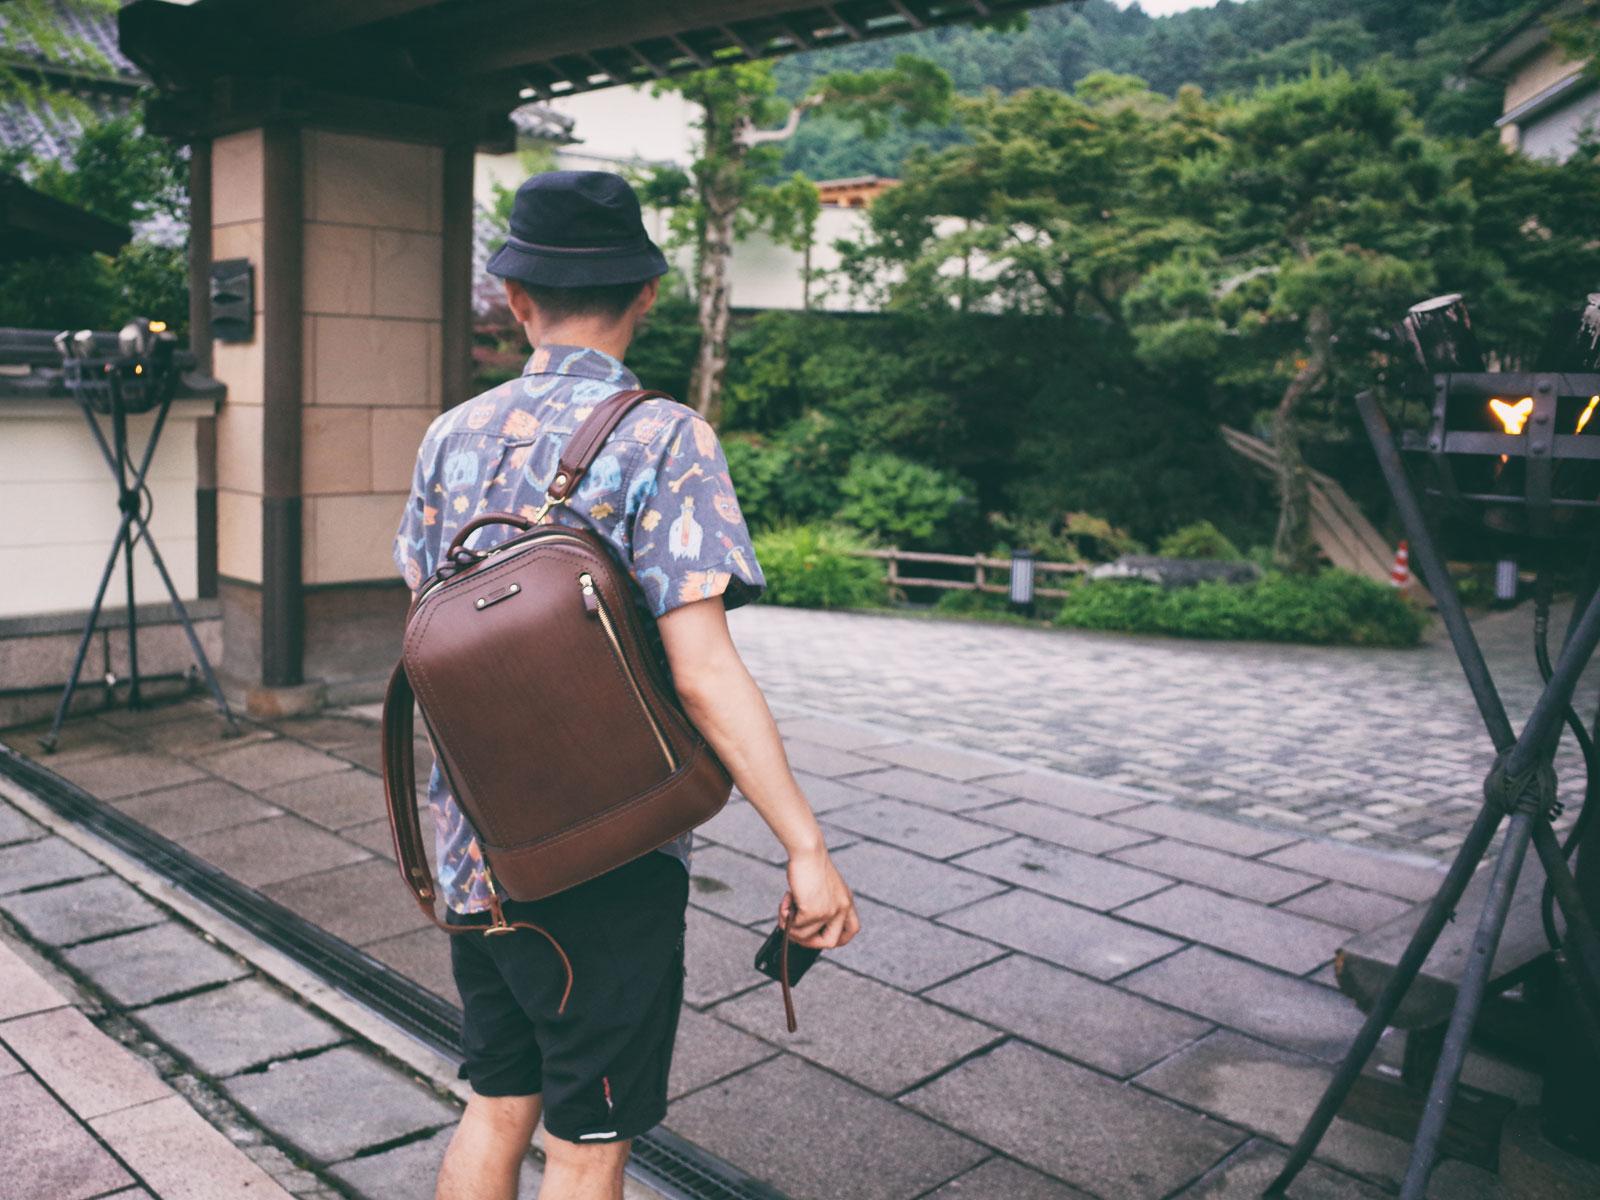 ビートルリュックと共に 出張と休みの間で廻る九州